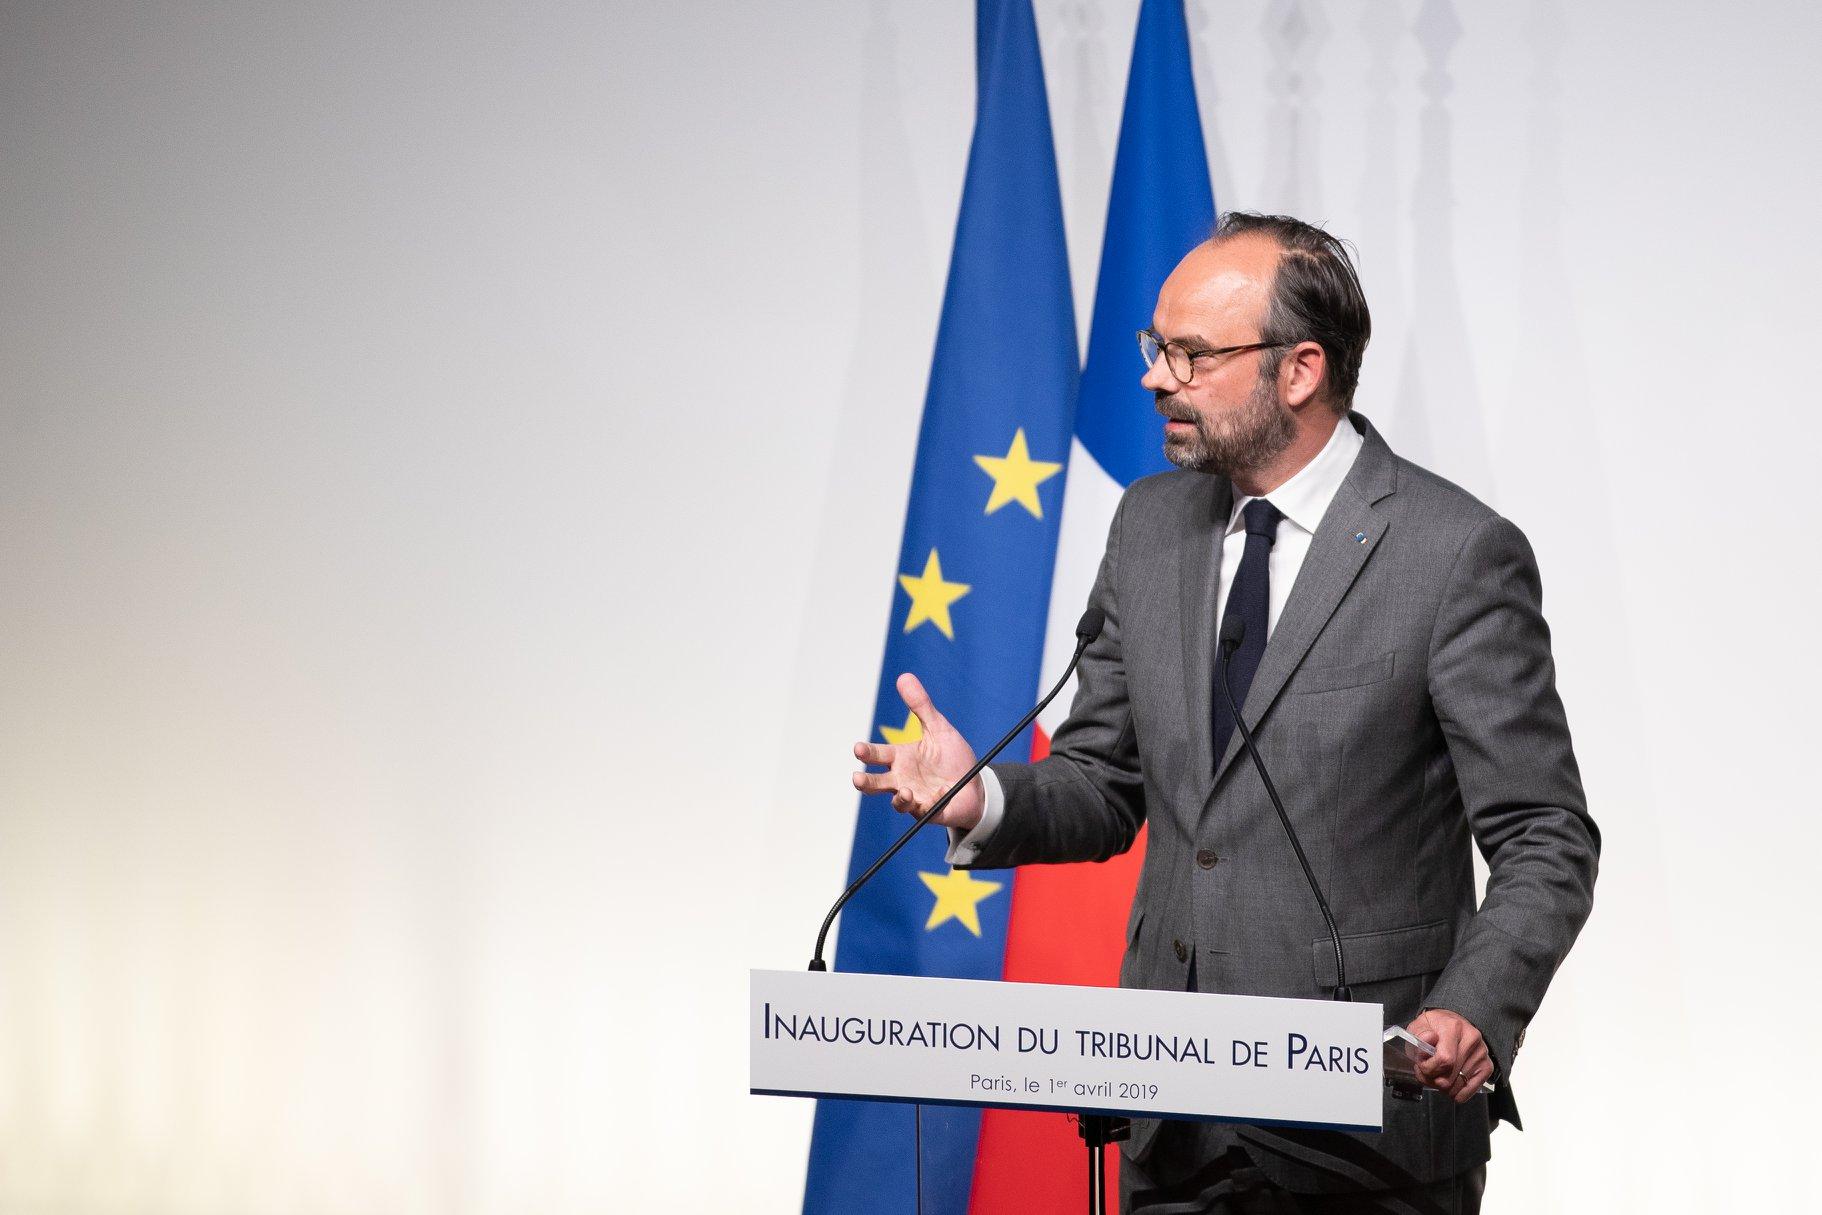 Annonces de Macron: Le gouvernement veut «faire vite et bien», selon Edouard Philippe